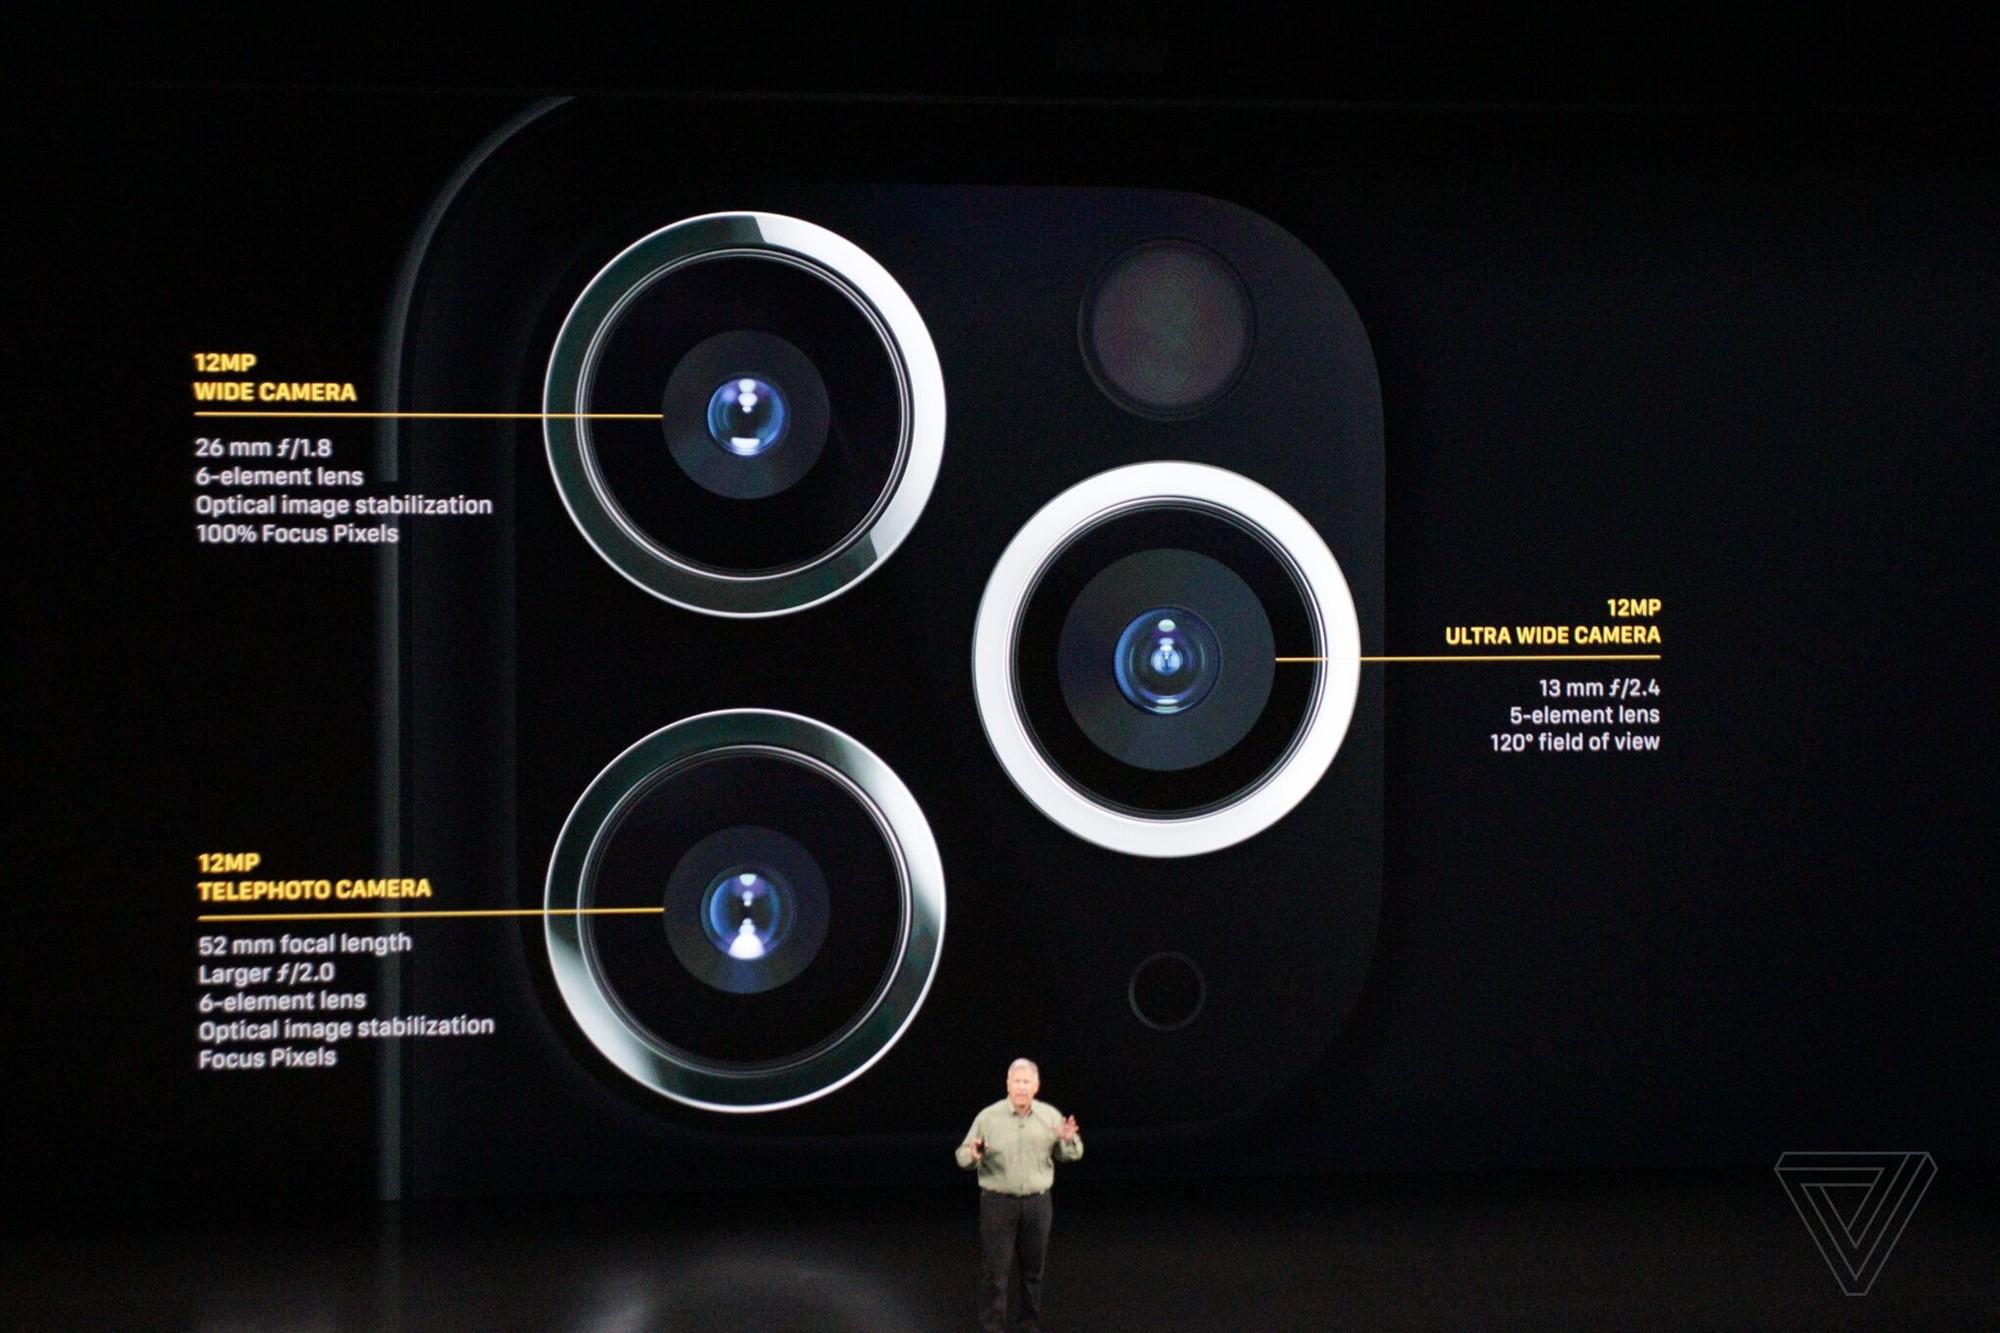 lcimg-2ce10f57-d775-4936-9349-aa679623a753 Sự kiện công bố Apple iPhone 11 mới: Camera góc siêu rộng 120 độ, pin lớn hơn tới 5h so với iPhone XR, giá chỉ từ 699$